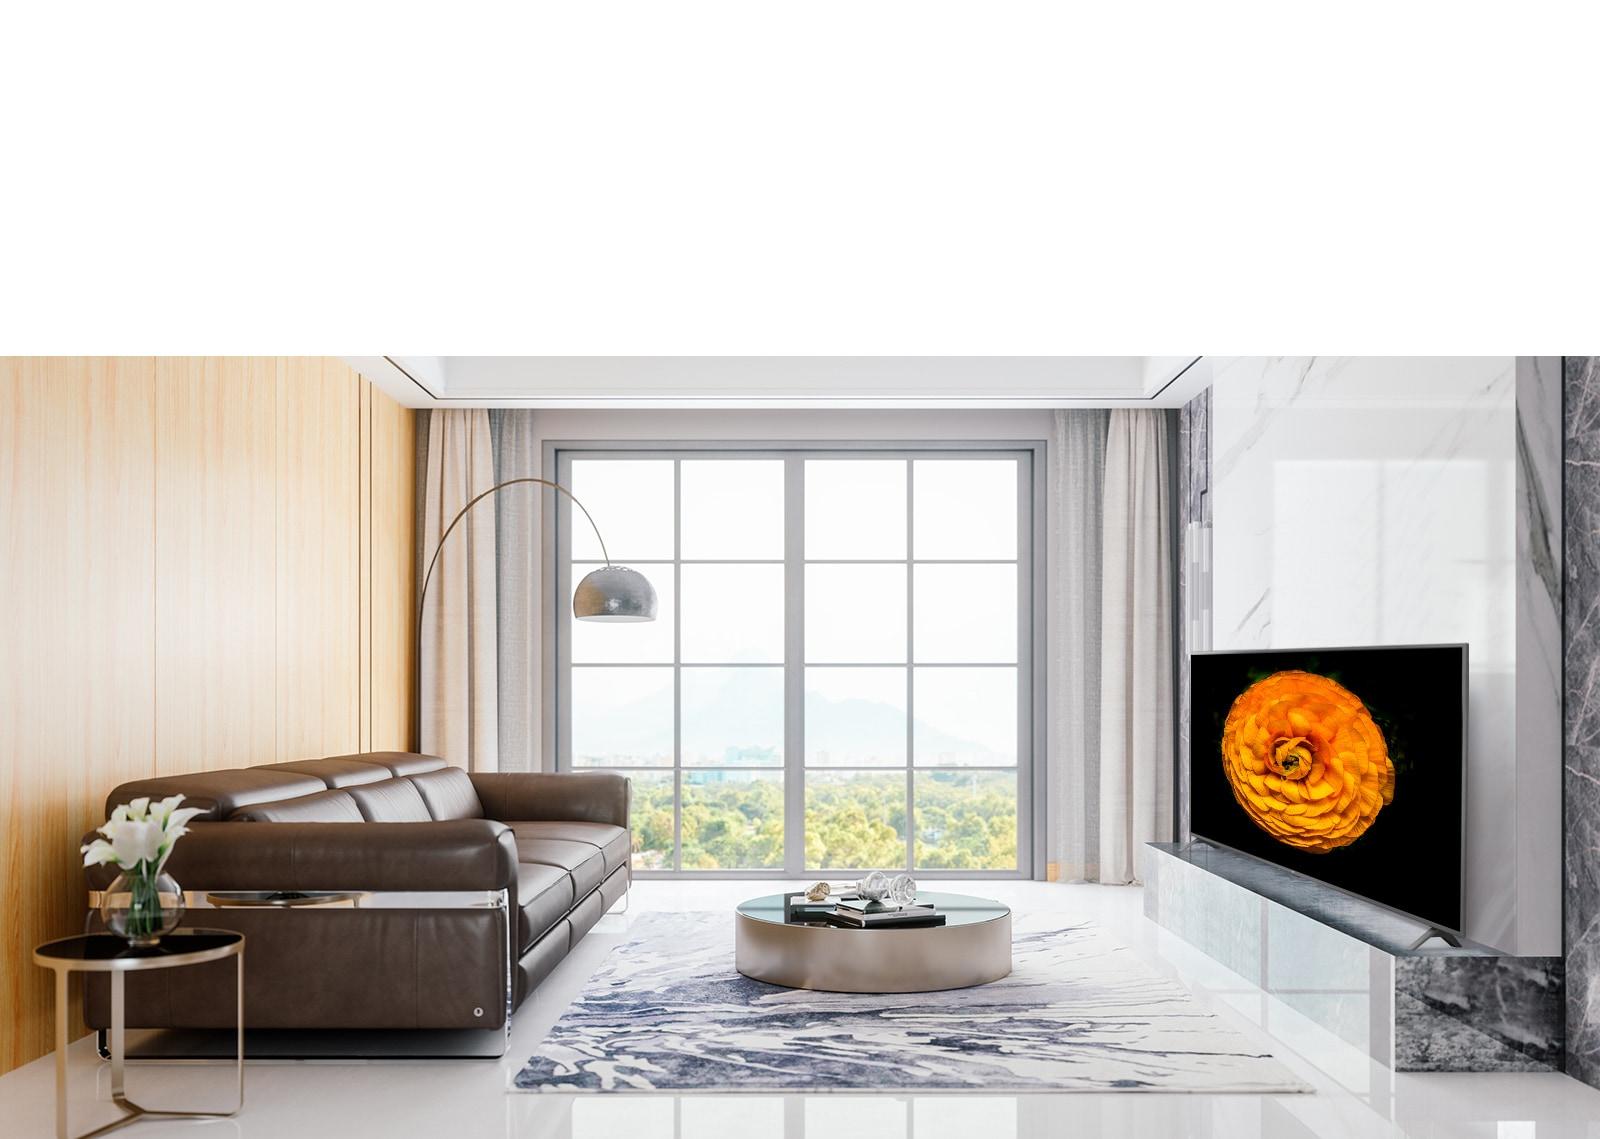 LG UHD電視在裝潢簡約的客廳牆。電視顯示著花的圖像。